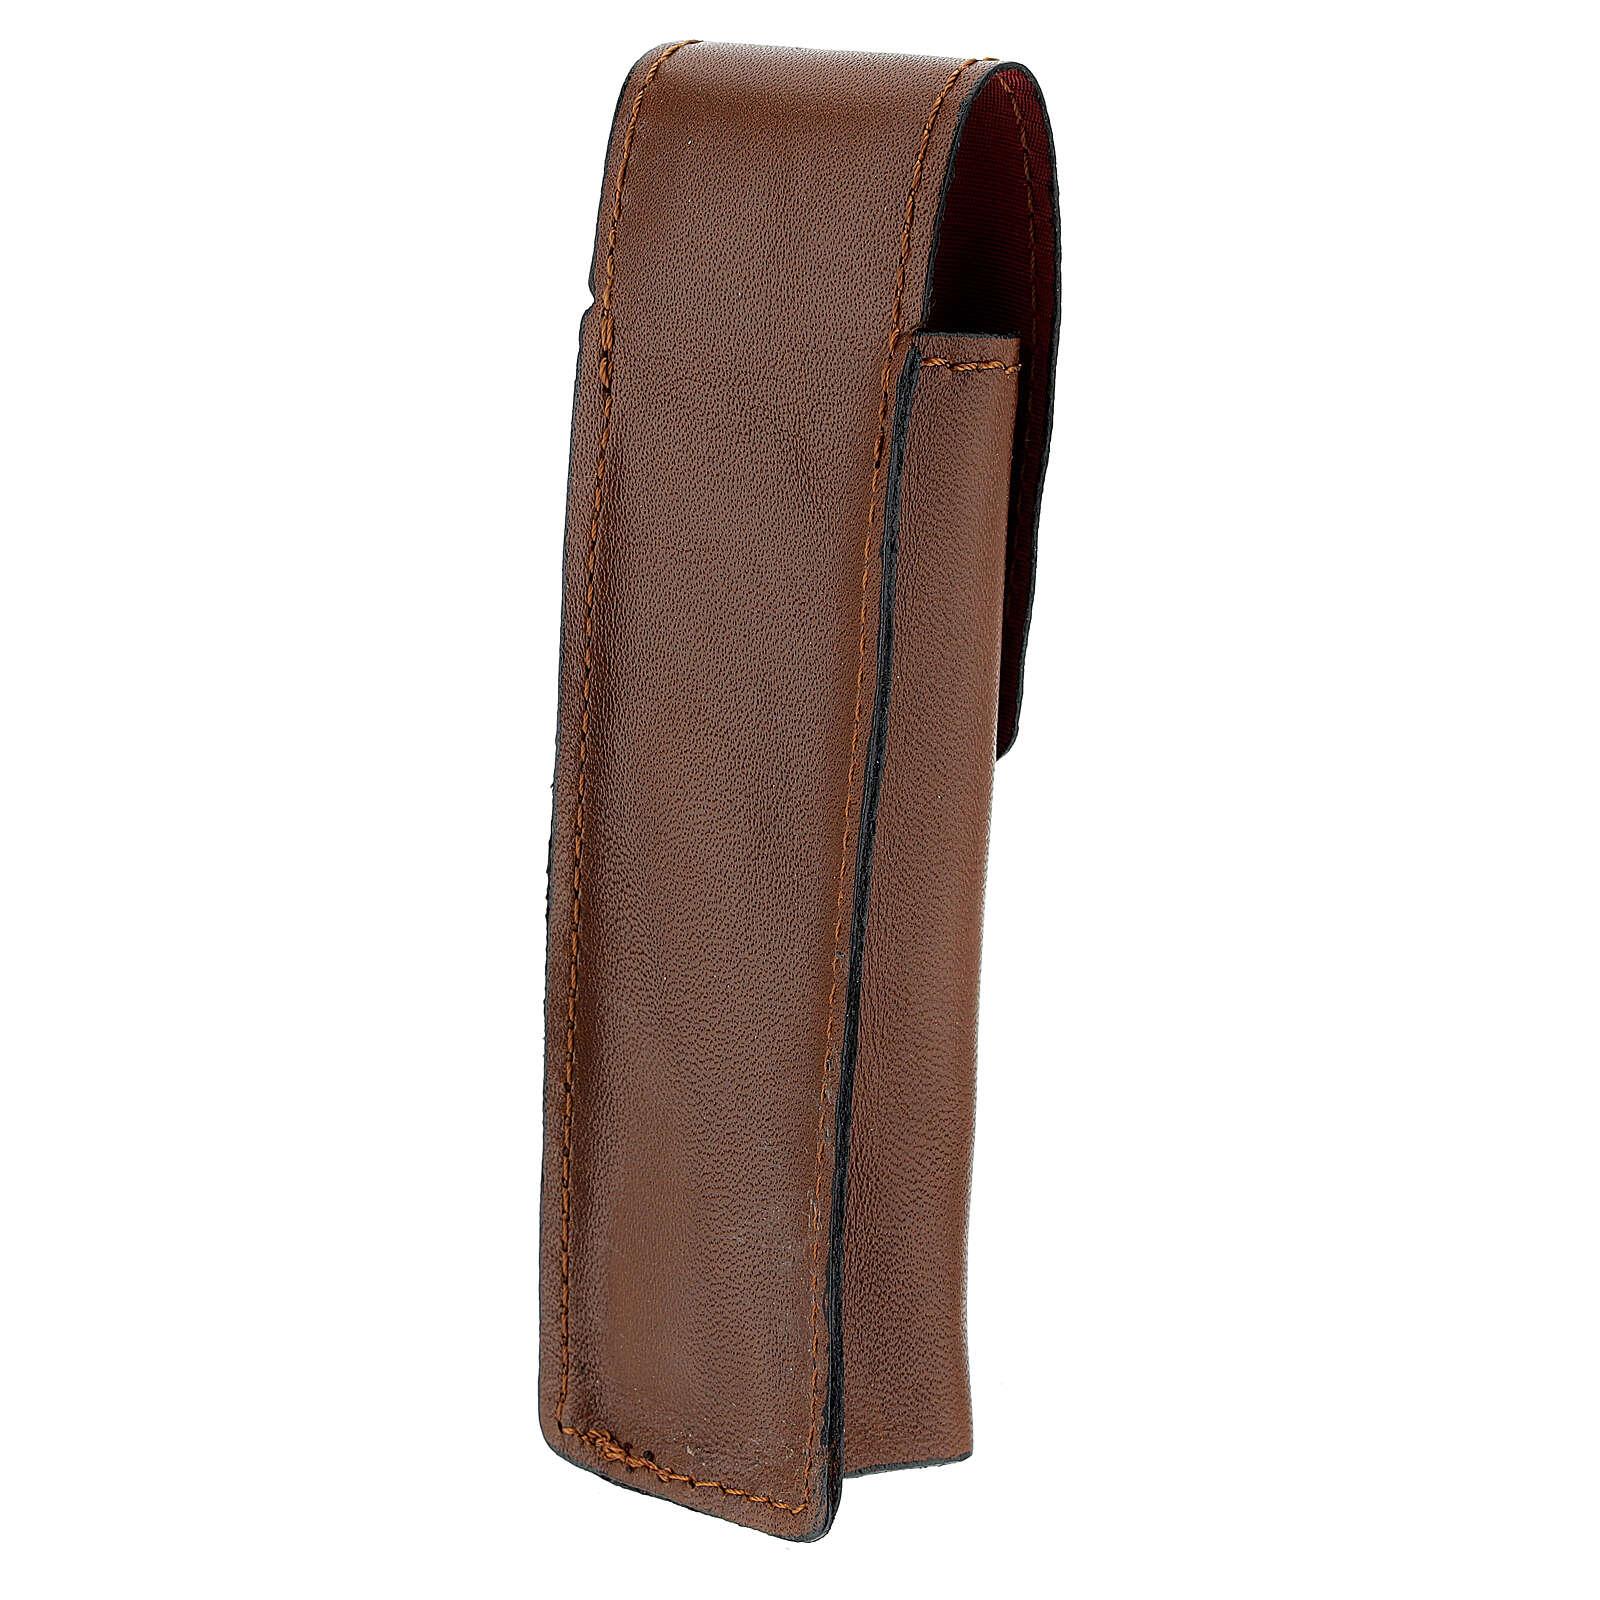 Étui pour goupillon 13 cm cuir véritable marron 3